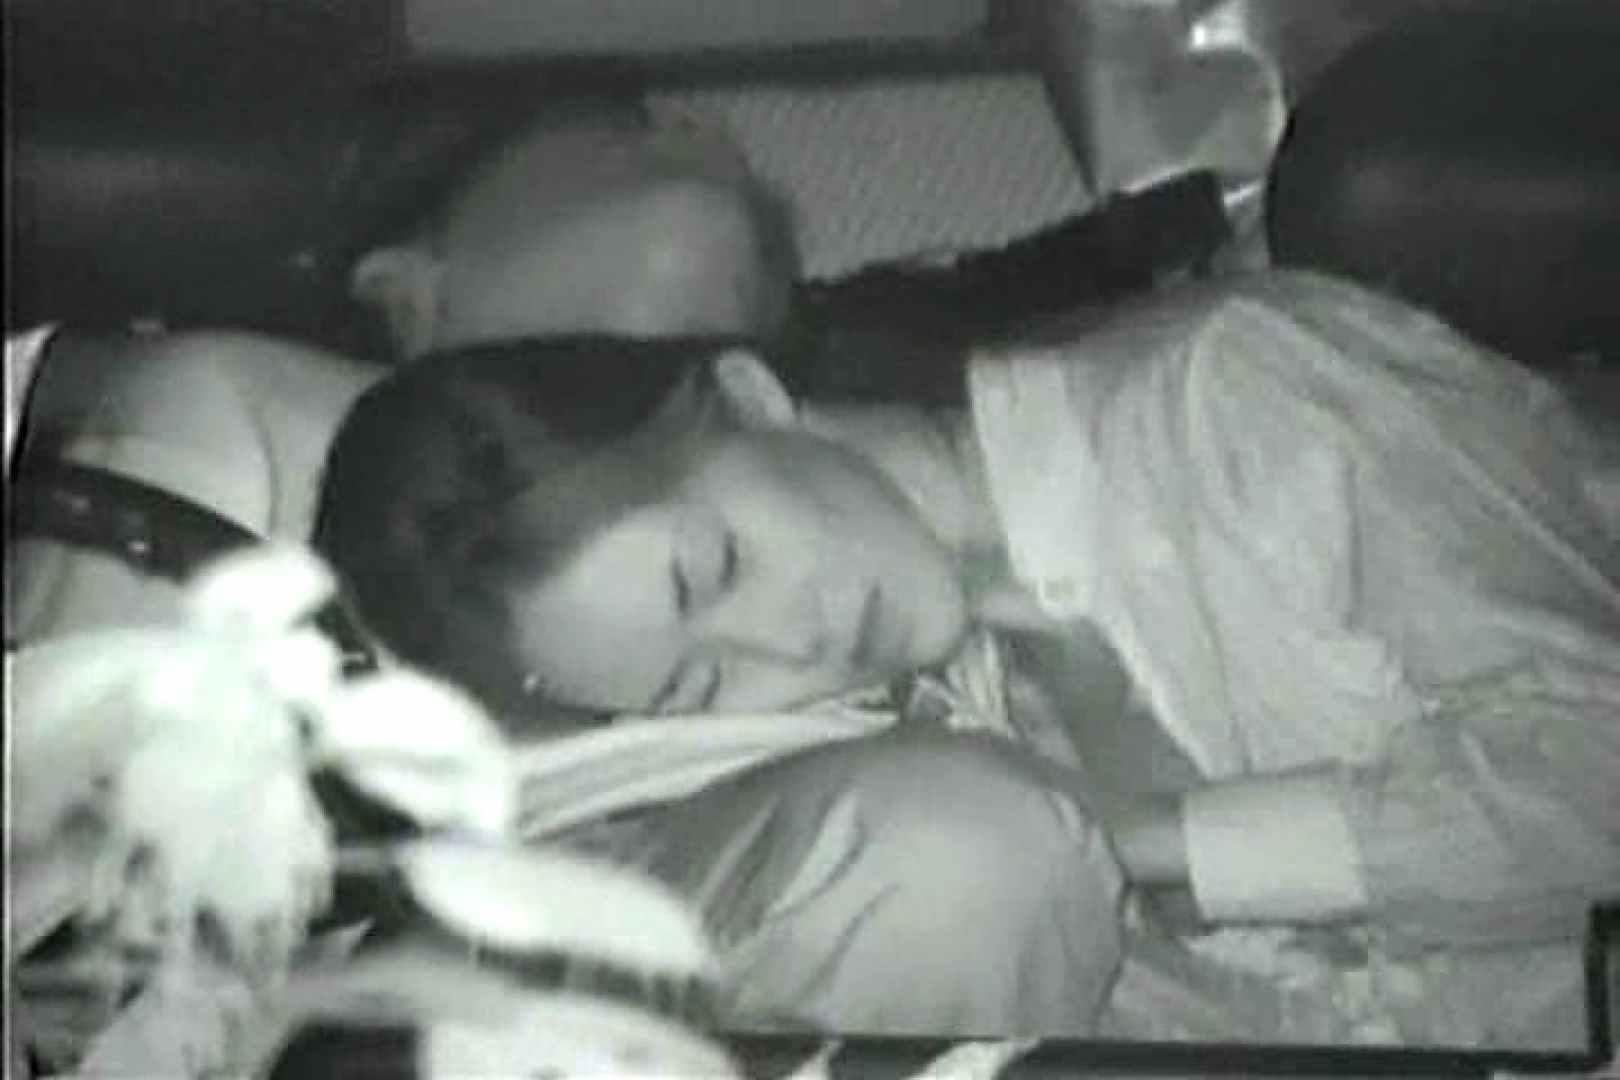 車の中はラブホテル 無修正版  Vol.9 ホテル | 車の中のカップル  60画像 25